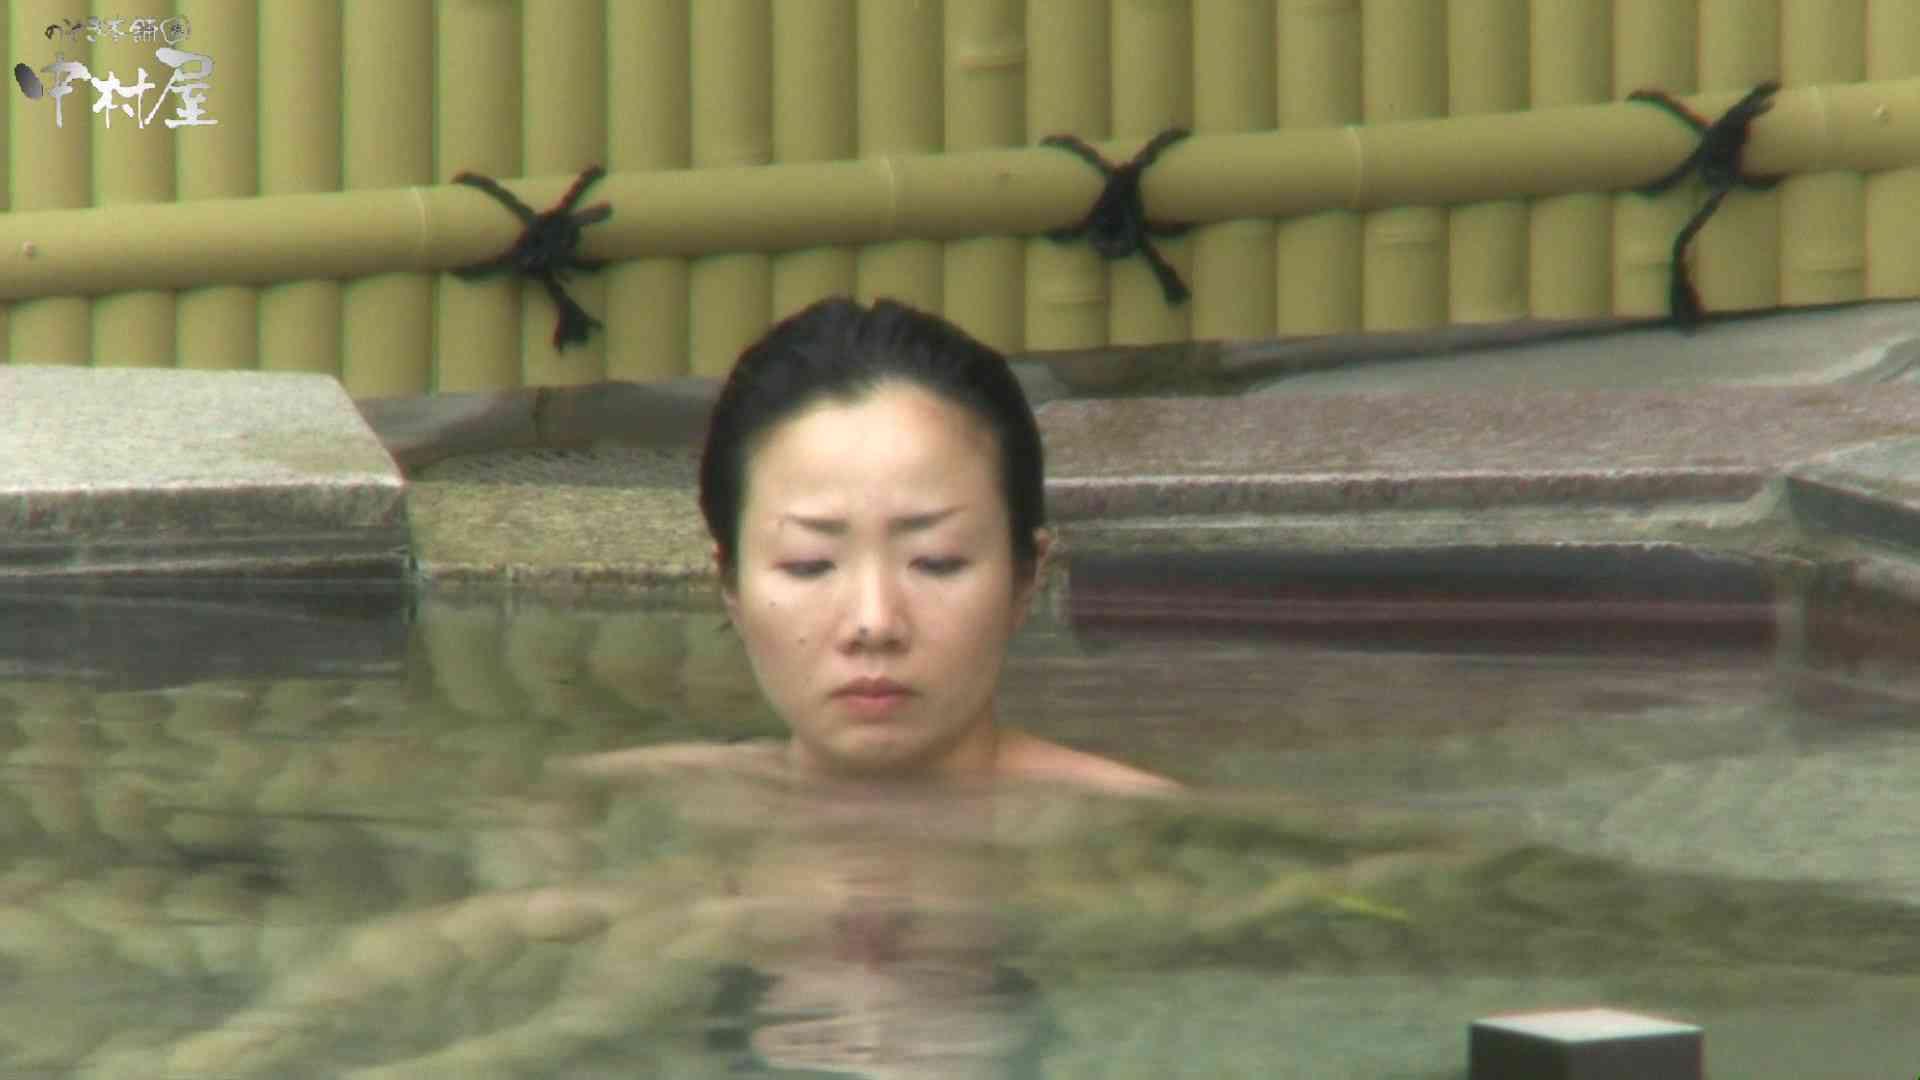 Aquaな露天風呂Vol.950 OLのエロ生活 覗きおまんこ画像 107連発 44